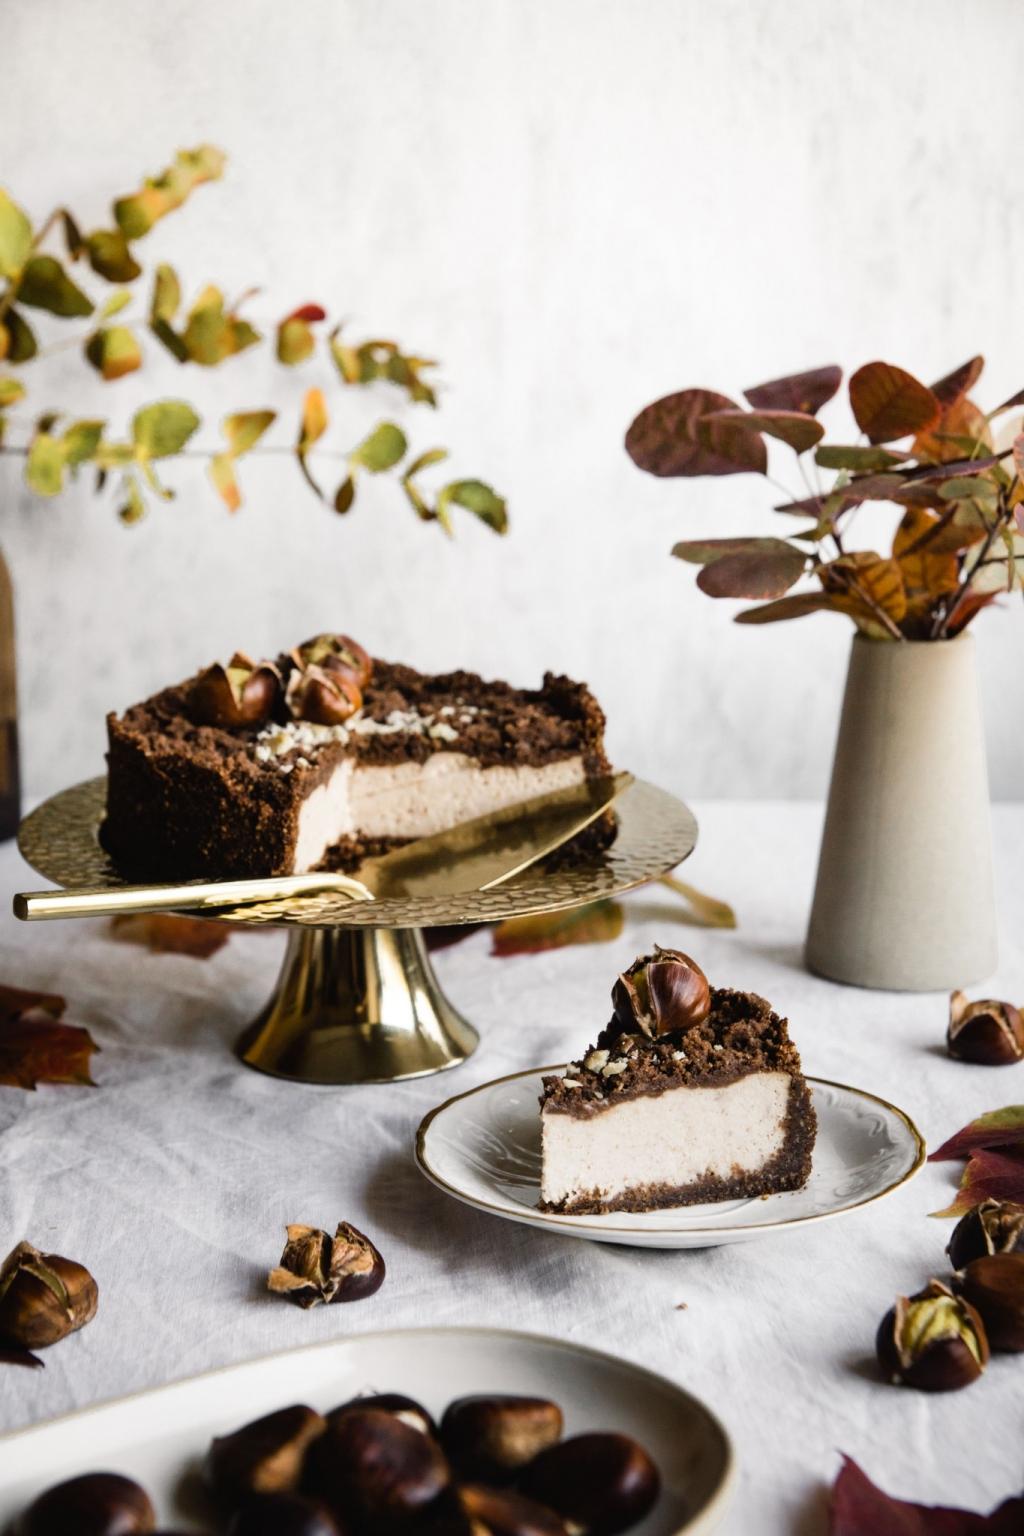 Gaštanový koláč s posýpkou